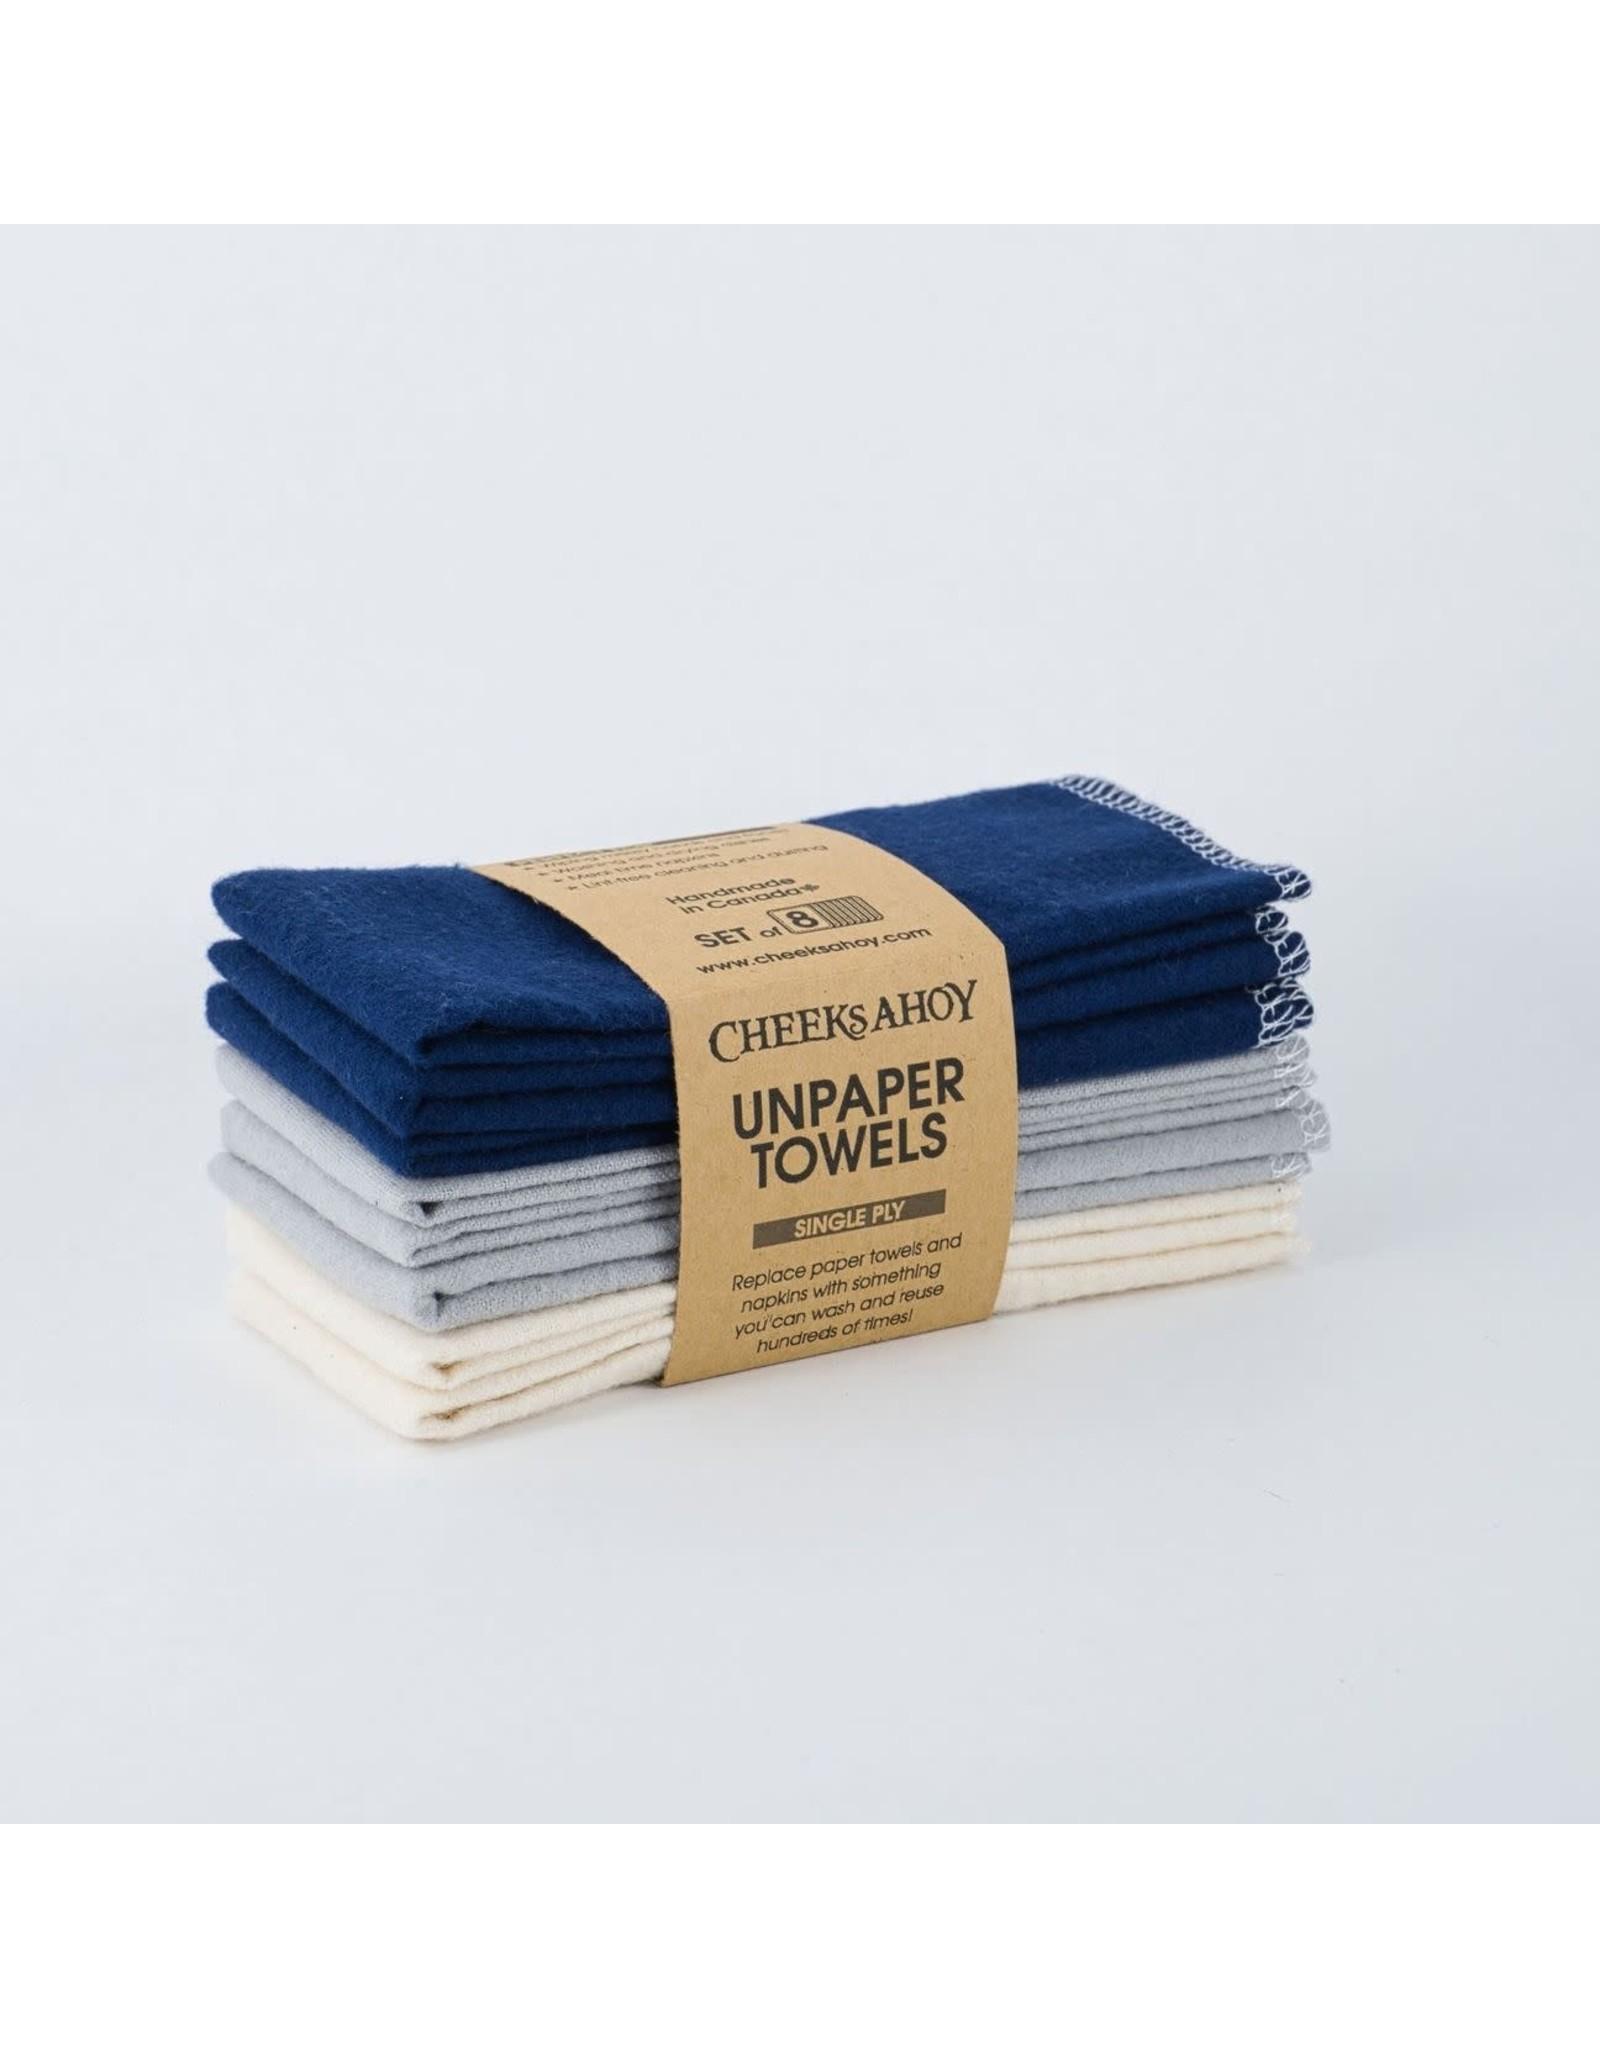 Cheeks Ahoy Unpaper Towels